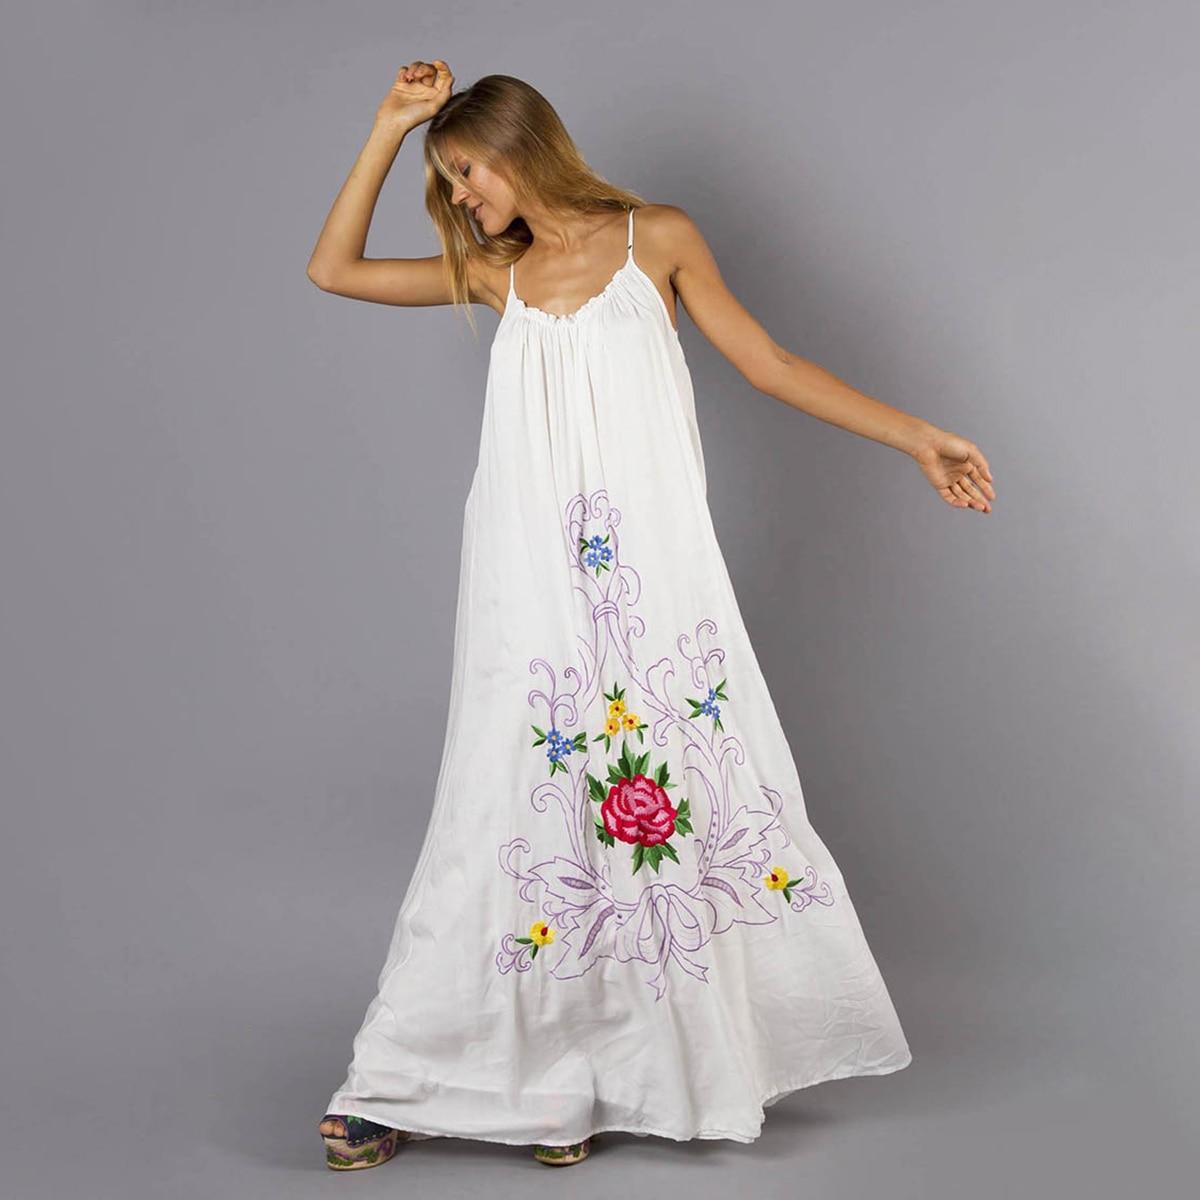 Blanc Floral broderie Maxi robe femmes sans manches col en V sangle Sexy robes 2019 vêtements d'été Boho plage fête longue robe